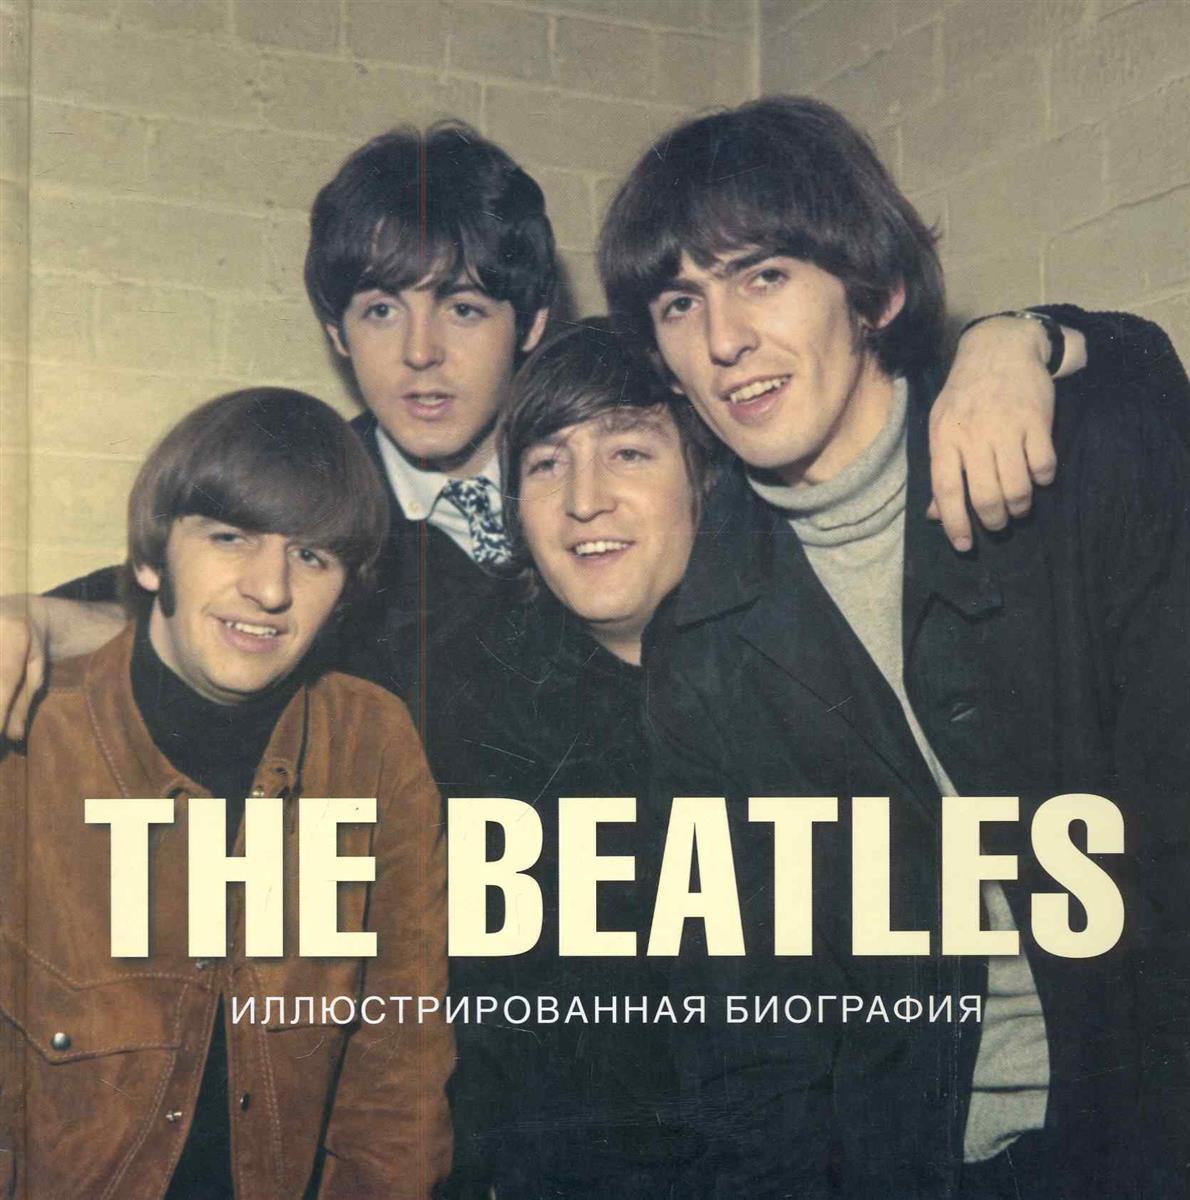 Хилл Т., Гонтлетт А., и др. The Beatles Иллюстрированная биография издательство аст the beatles иллюстрированная биография